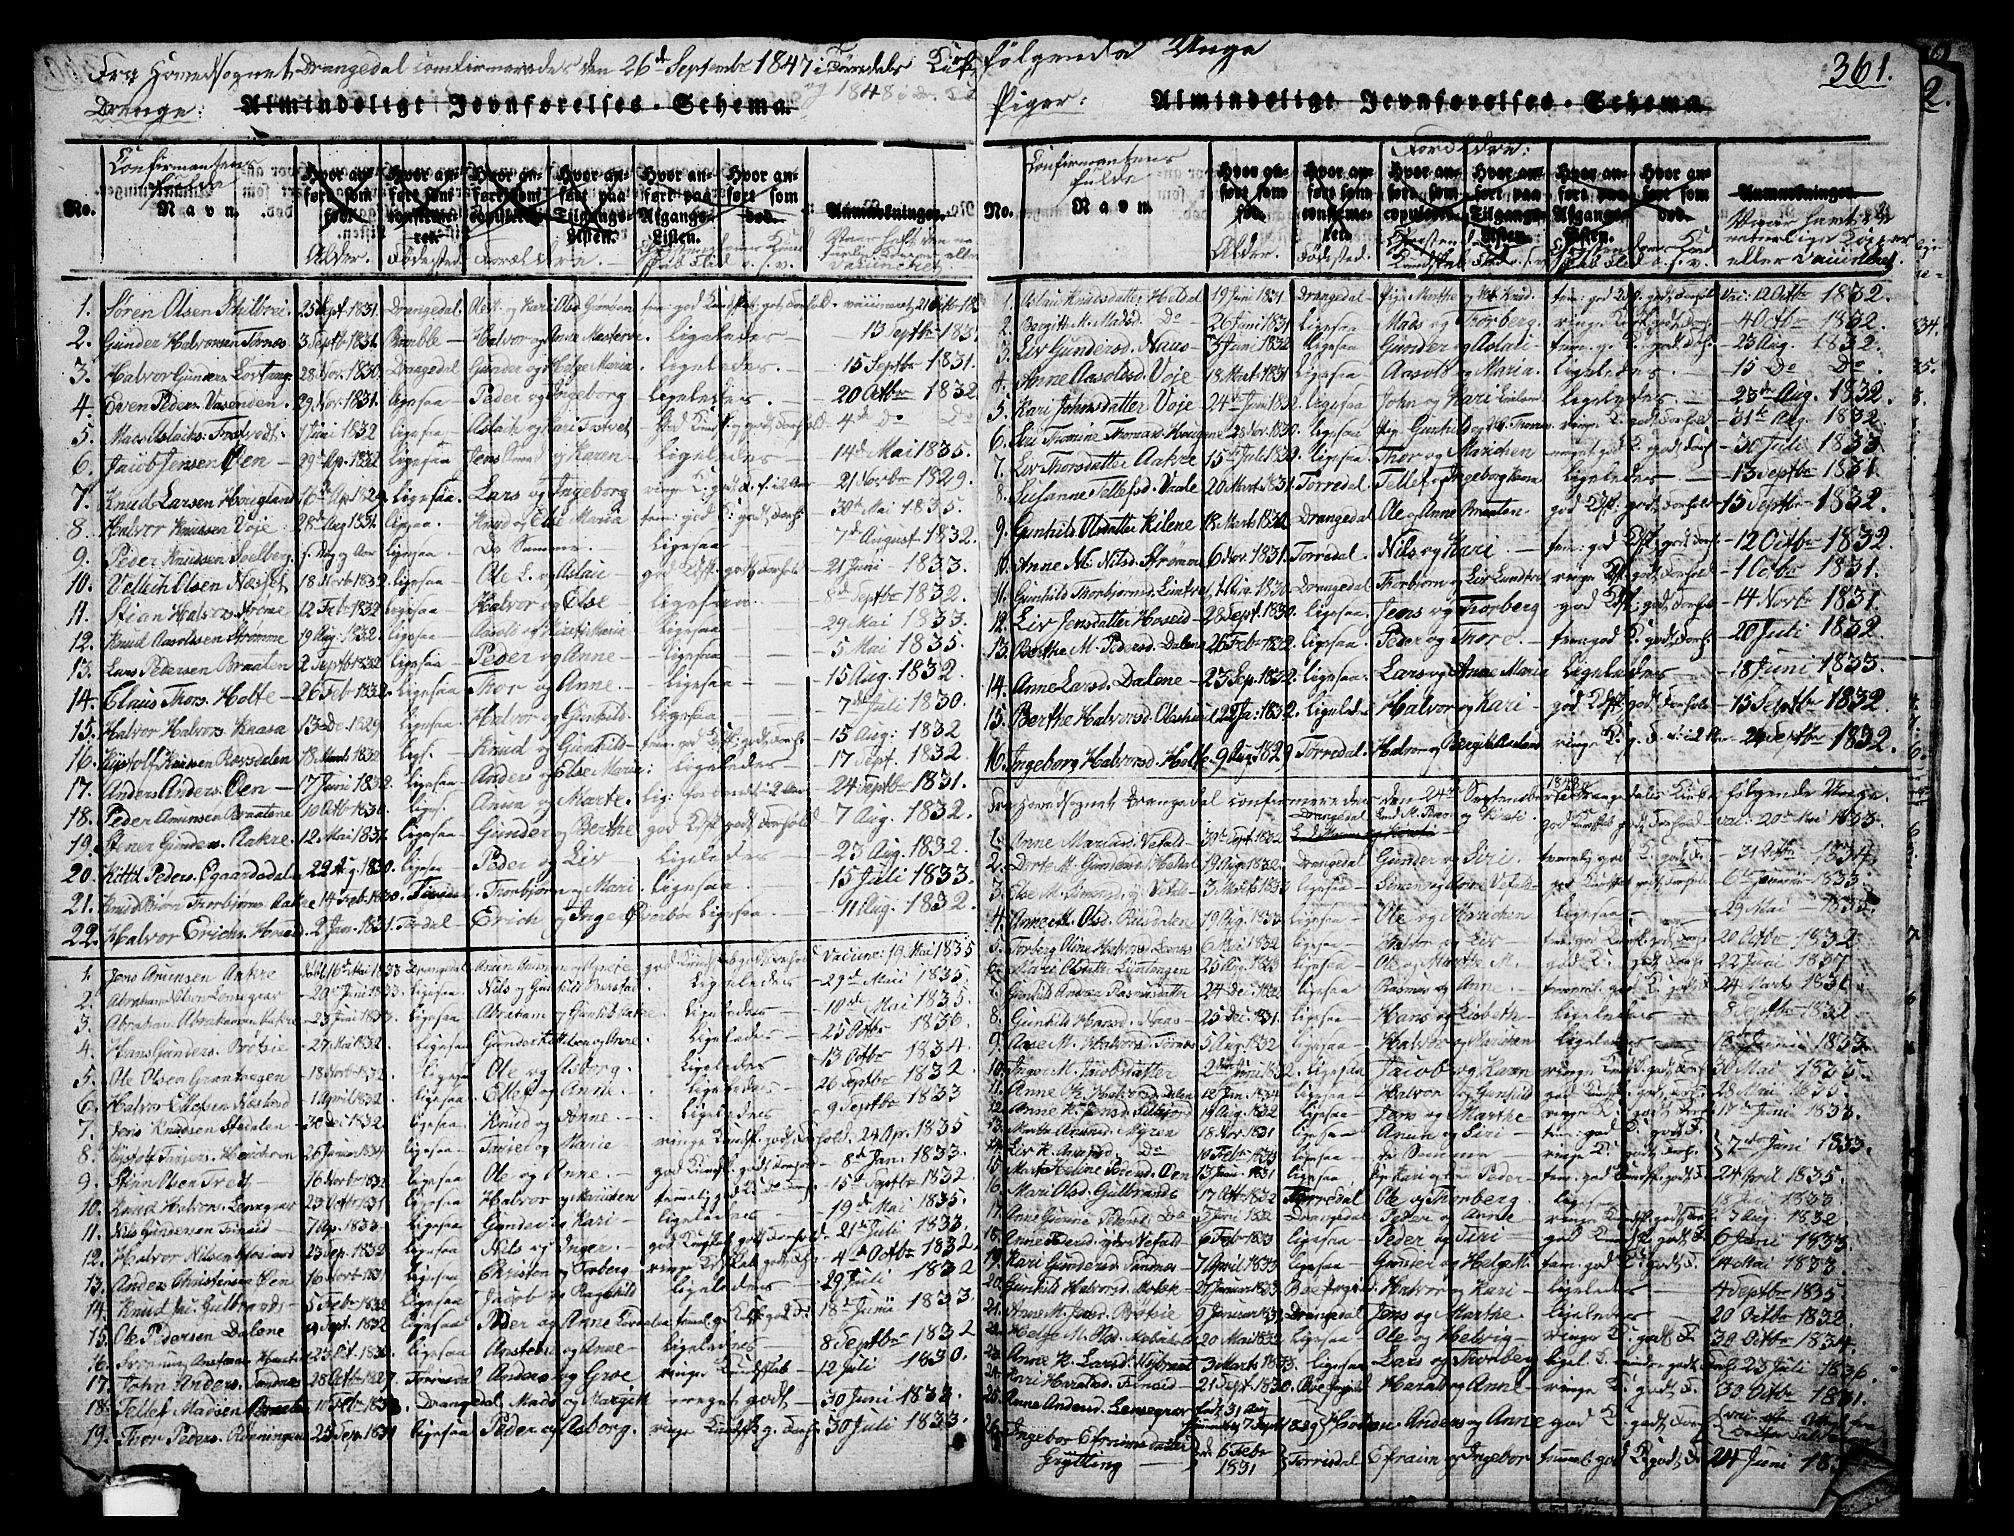 SAKO, Drangedal kirkebøker, G/Ga/L0001: Klokkerbok nr. I 1 /1, 1814-1856, s. 361